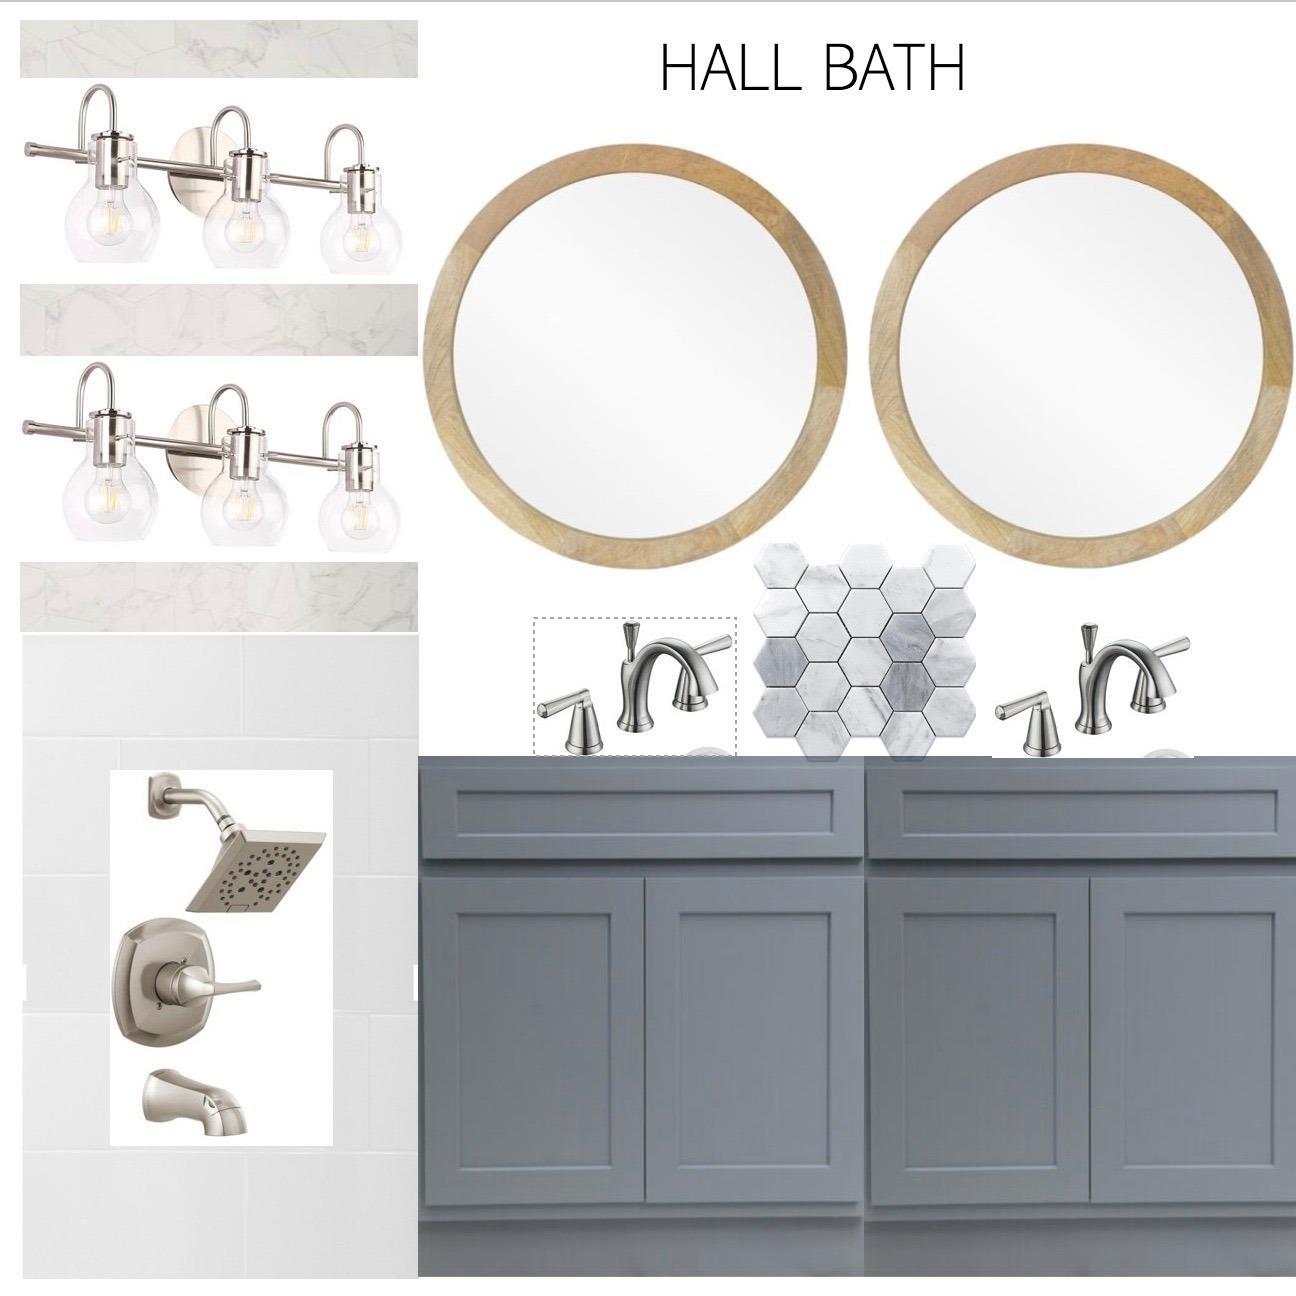 Sample hall bath selection examples.